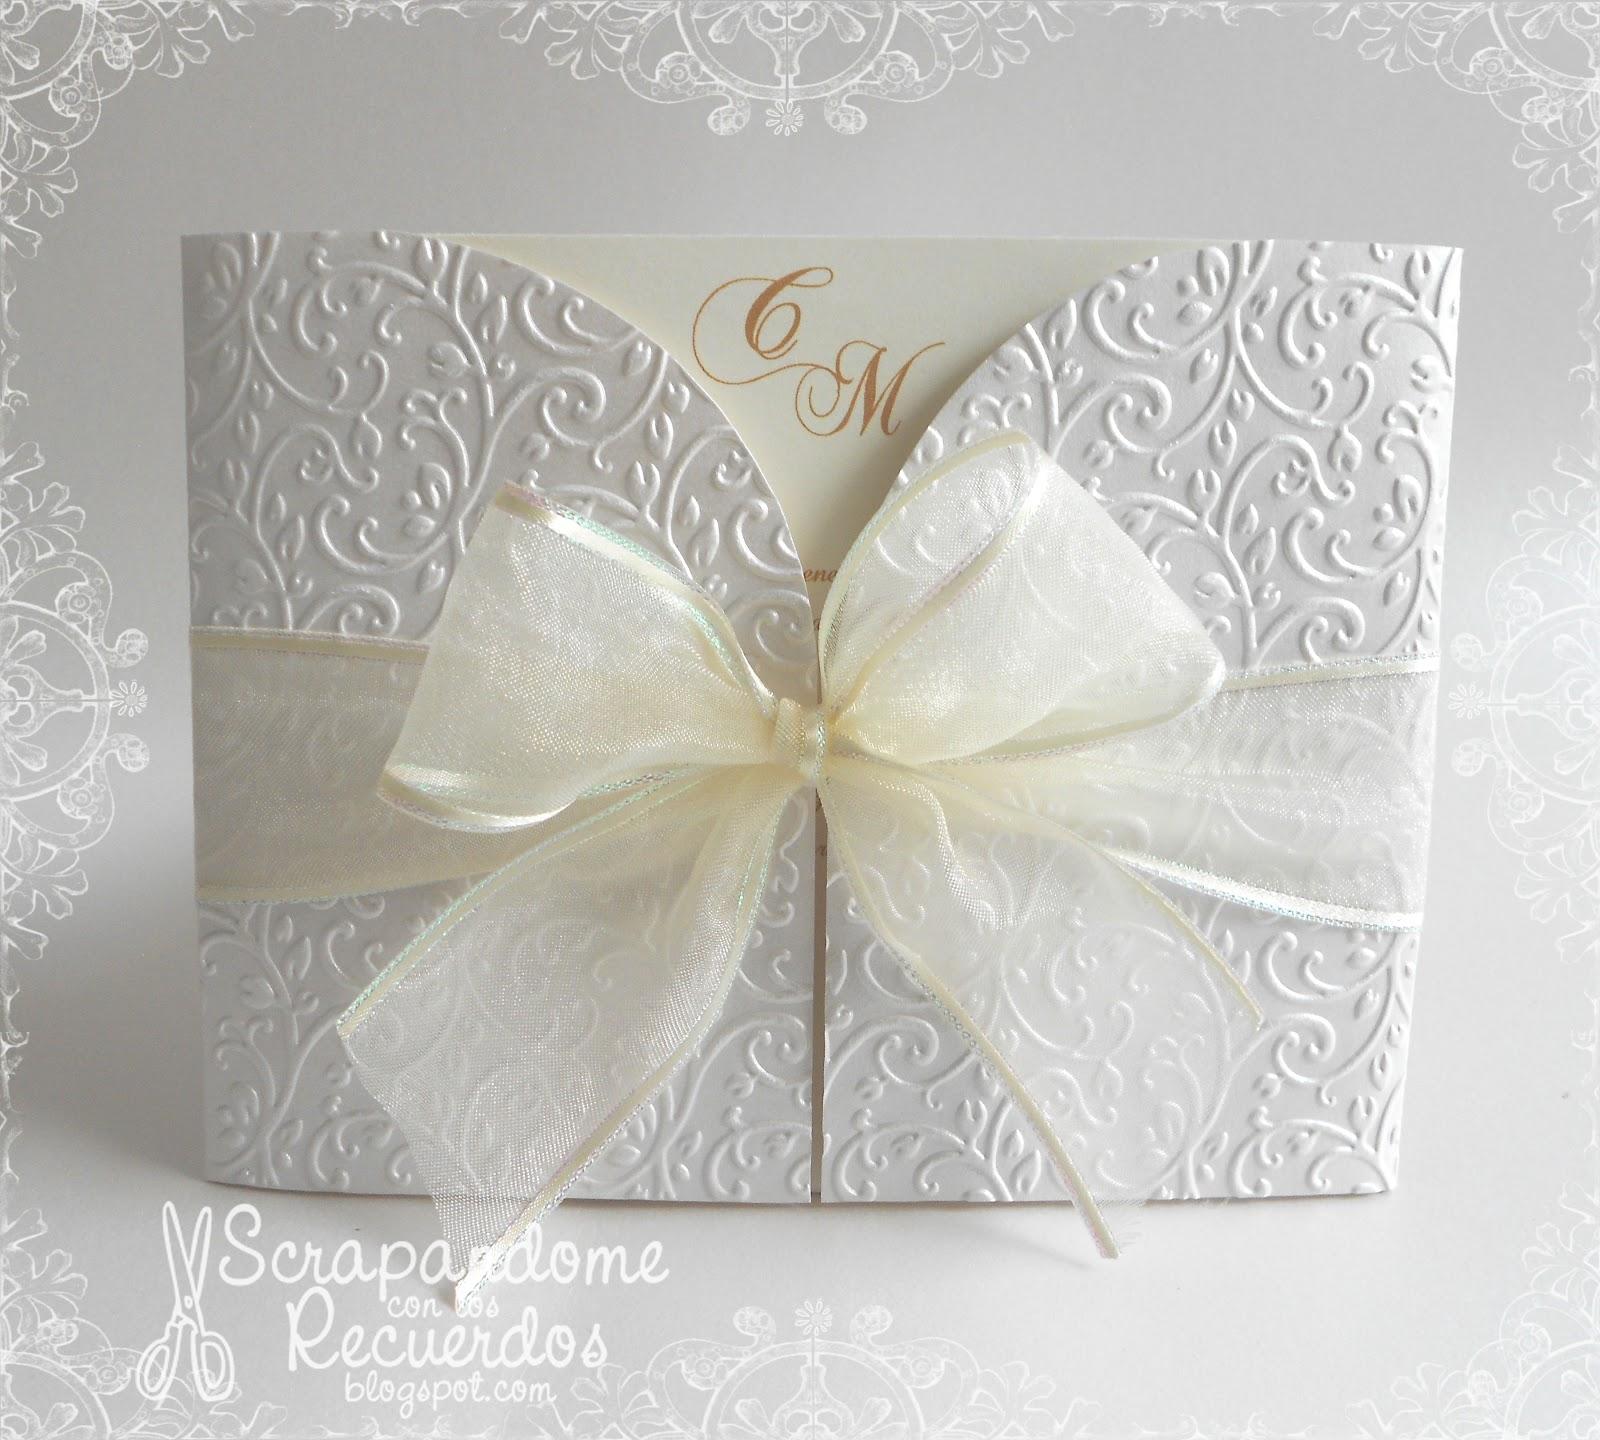 Scrapandome con los recuerdos una boda blanca - Cosas para preparar una boda ...